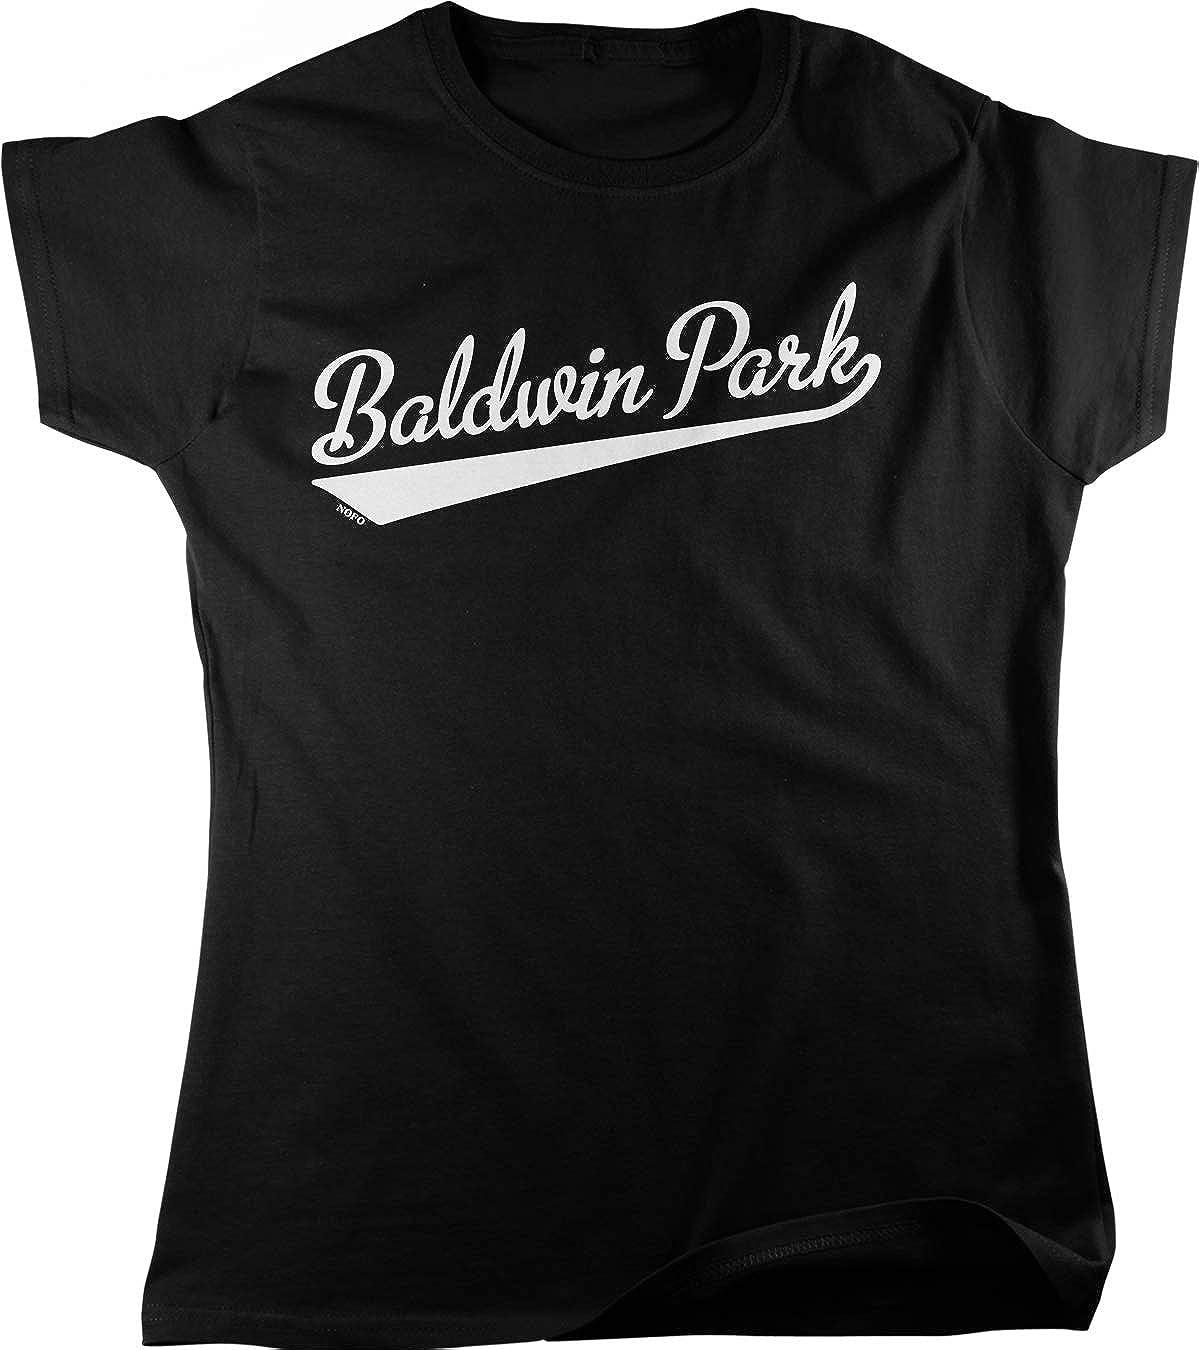 NOFO Clothing Co Baldwin Park Women's T-Shirt